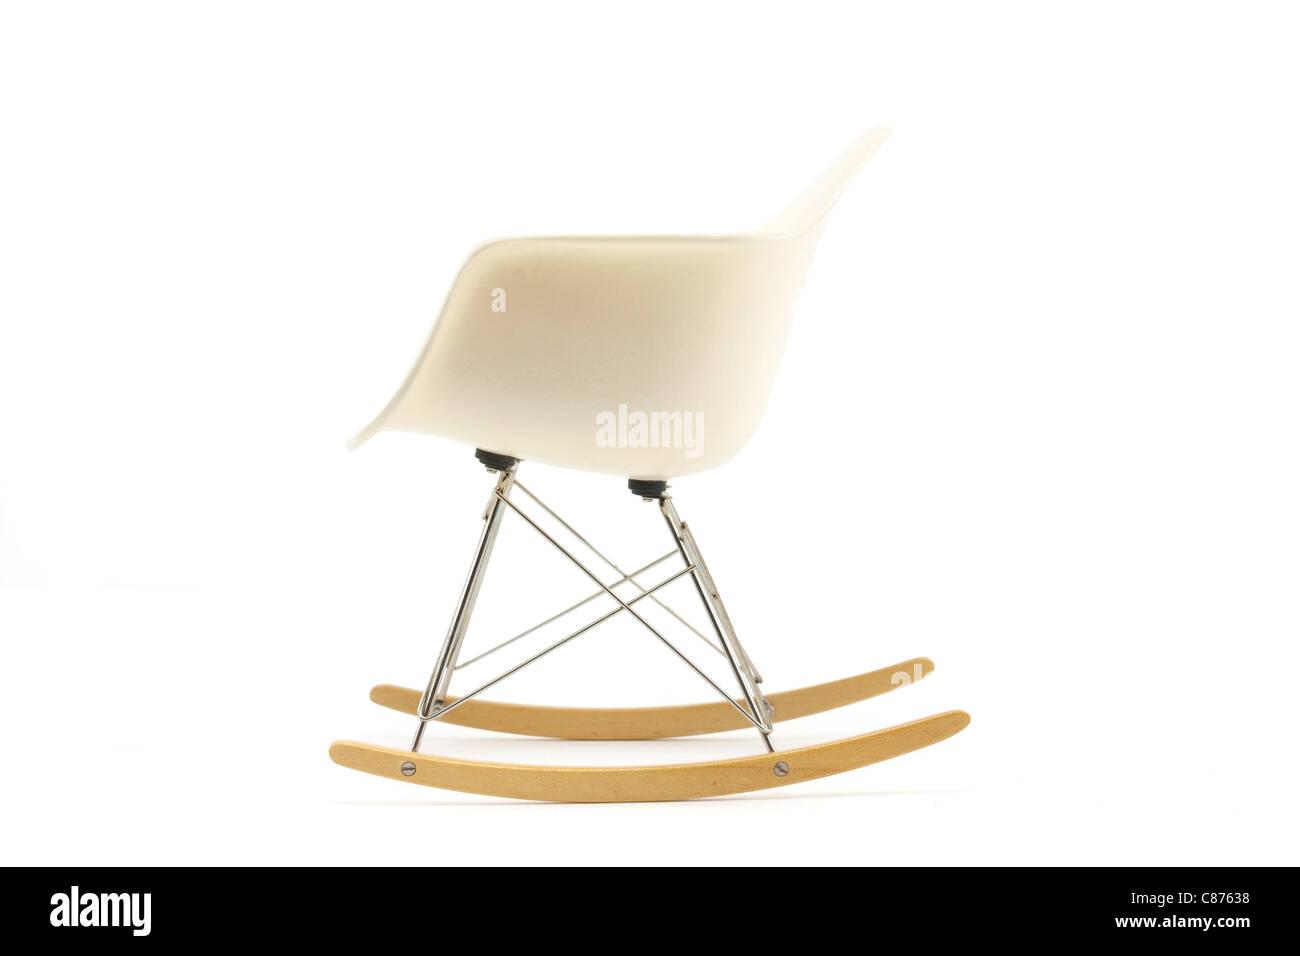 Il design moderno classico eames sedia a dondolo su sfondo bianco